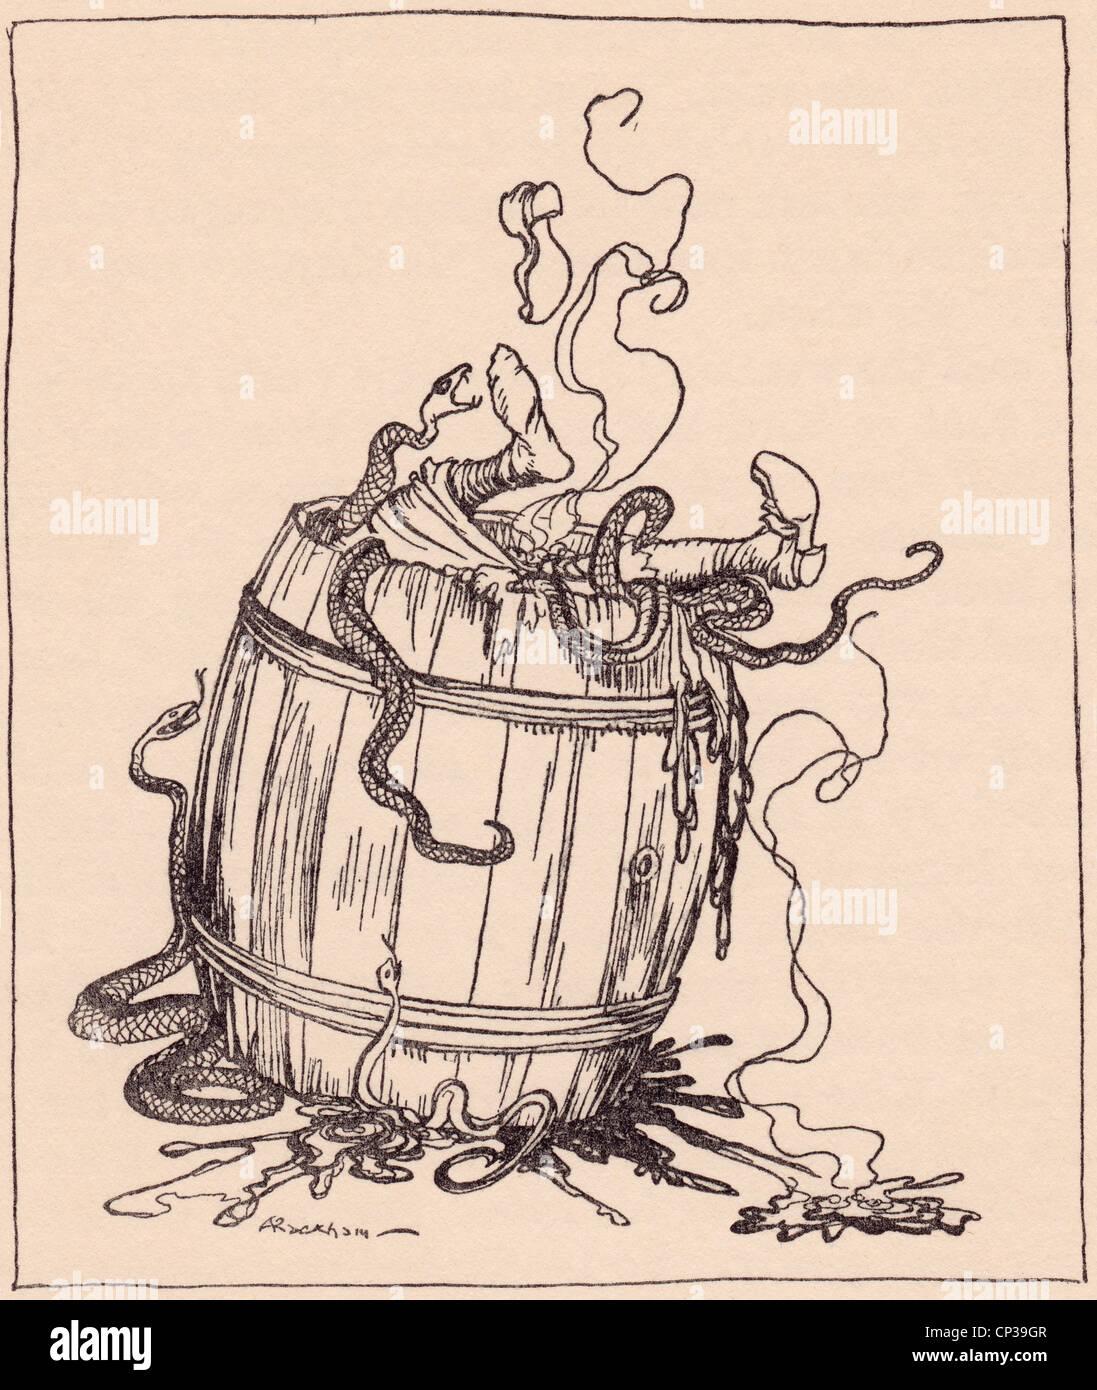 Die böse Schwiegermutter wurde gelegt in ein Fass voller kochendem Öl und giftigen Schlangen. Grimms Märchen. Stockbild